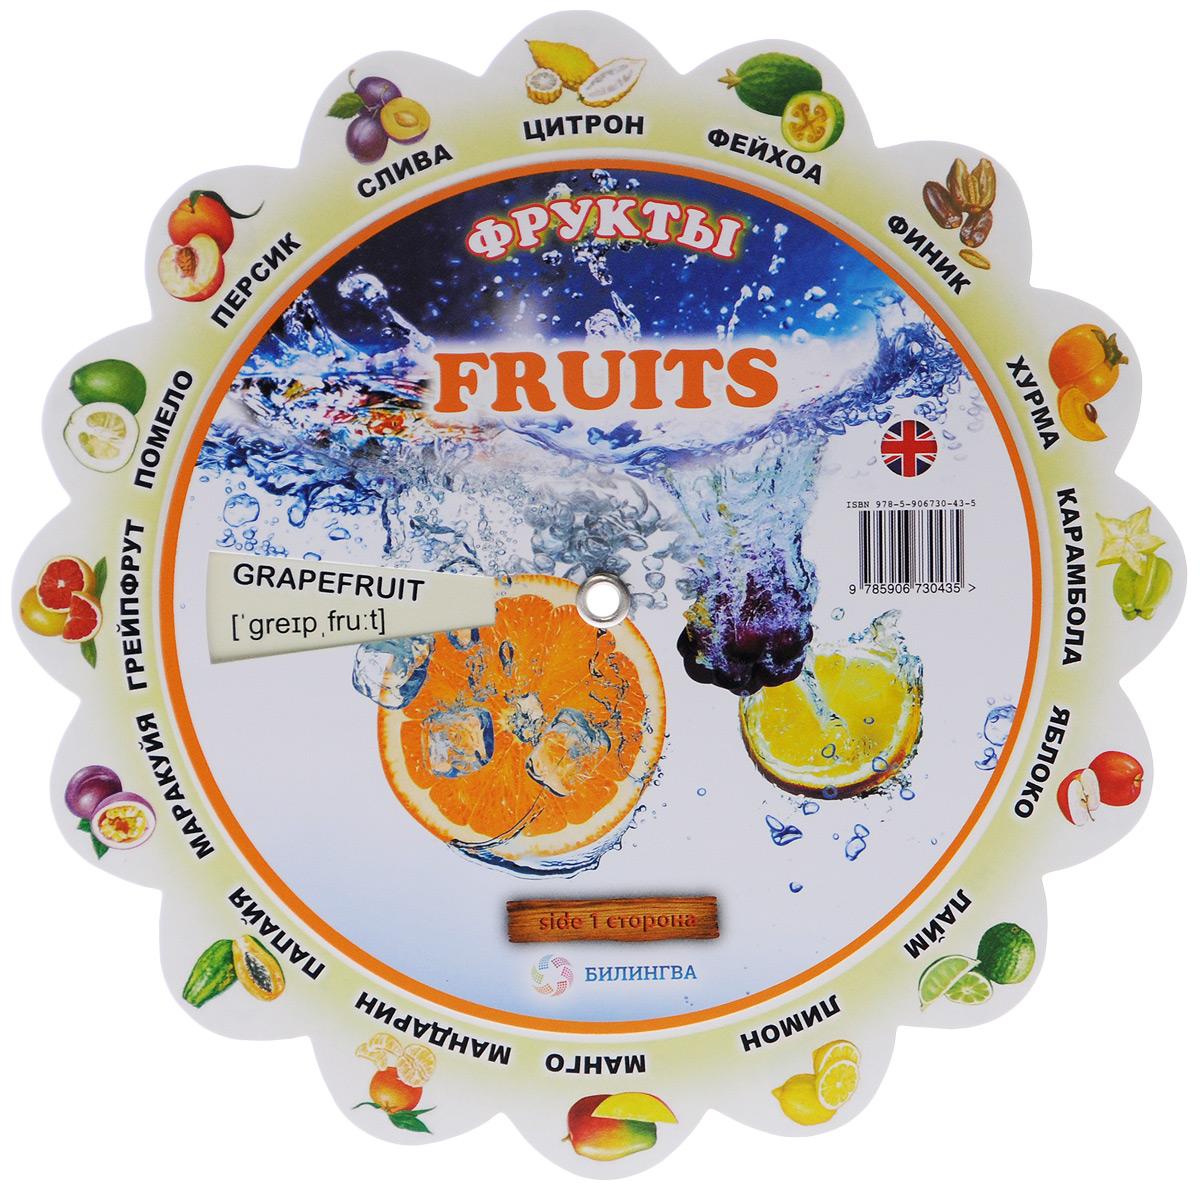 Fruits / ������. ���������������� ������������ �������